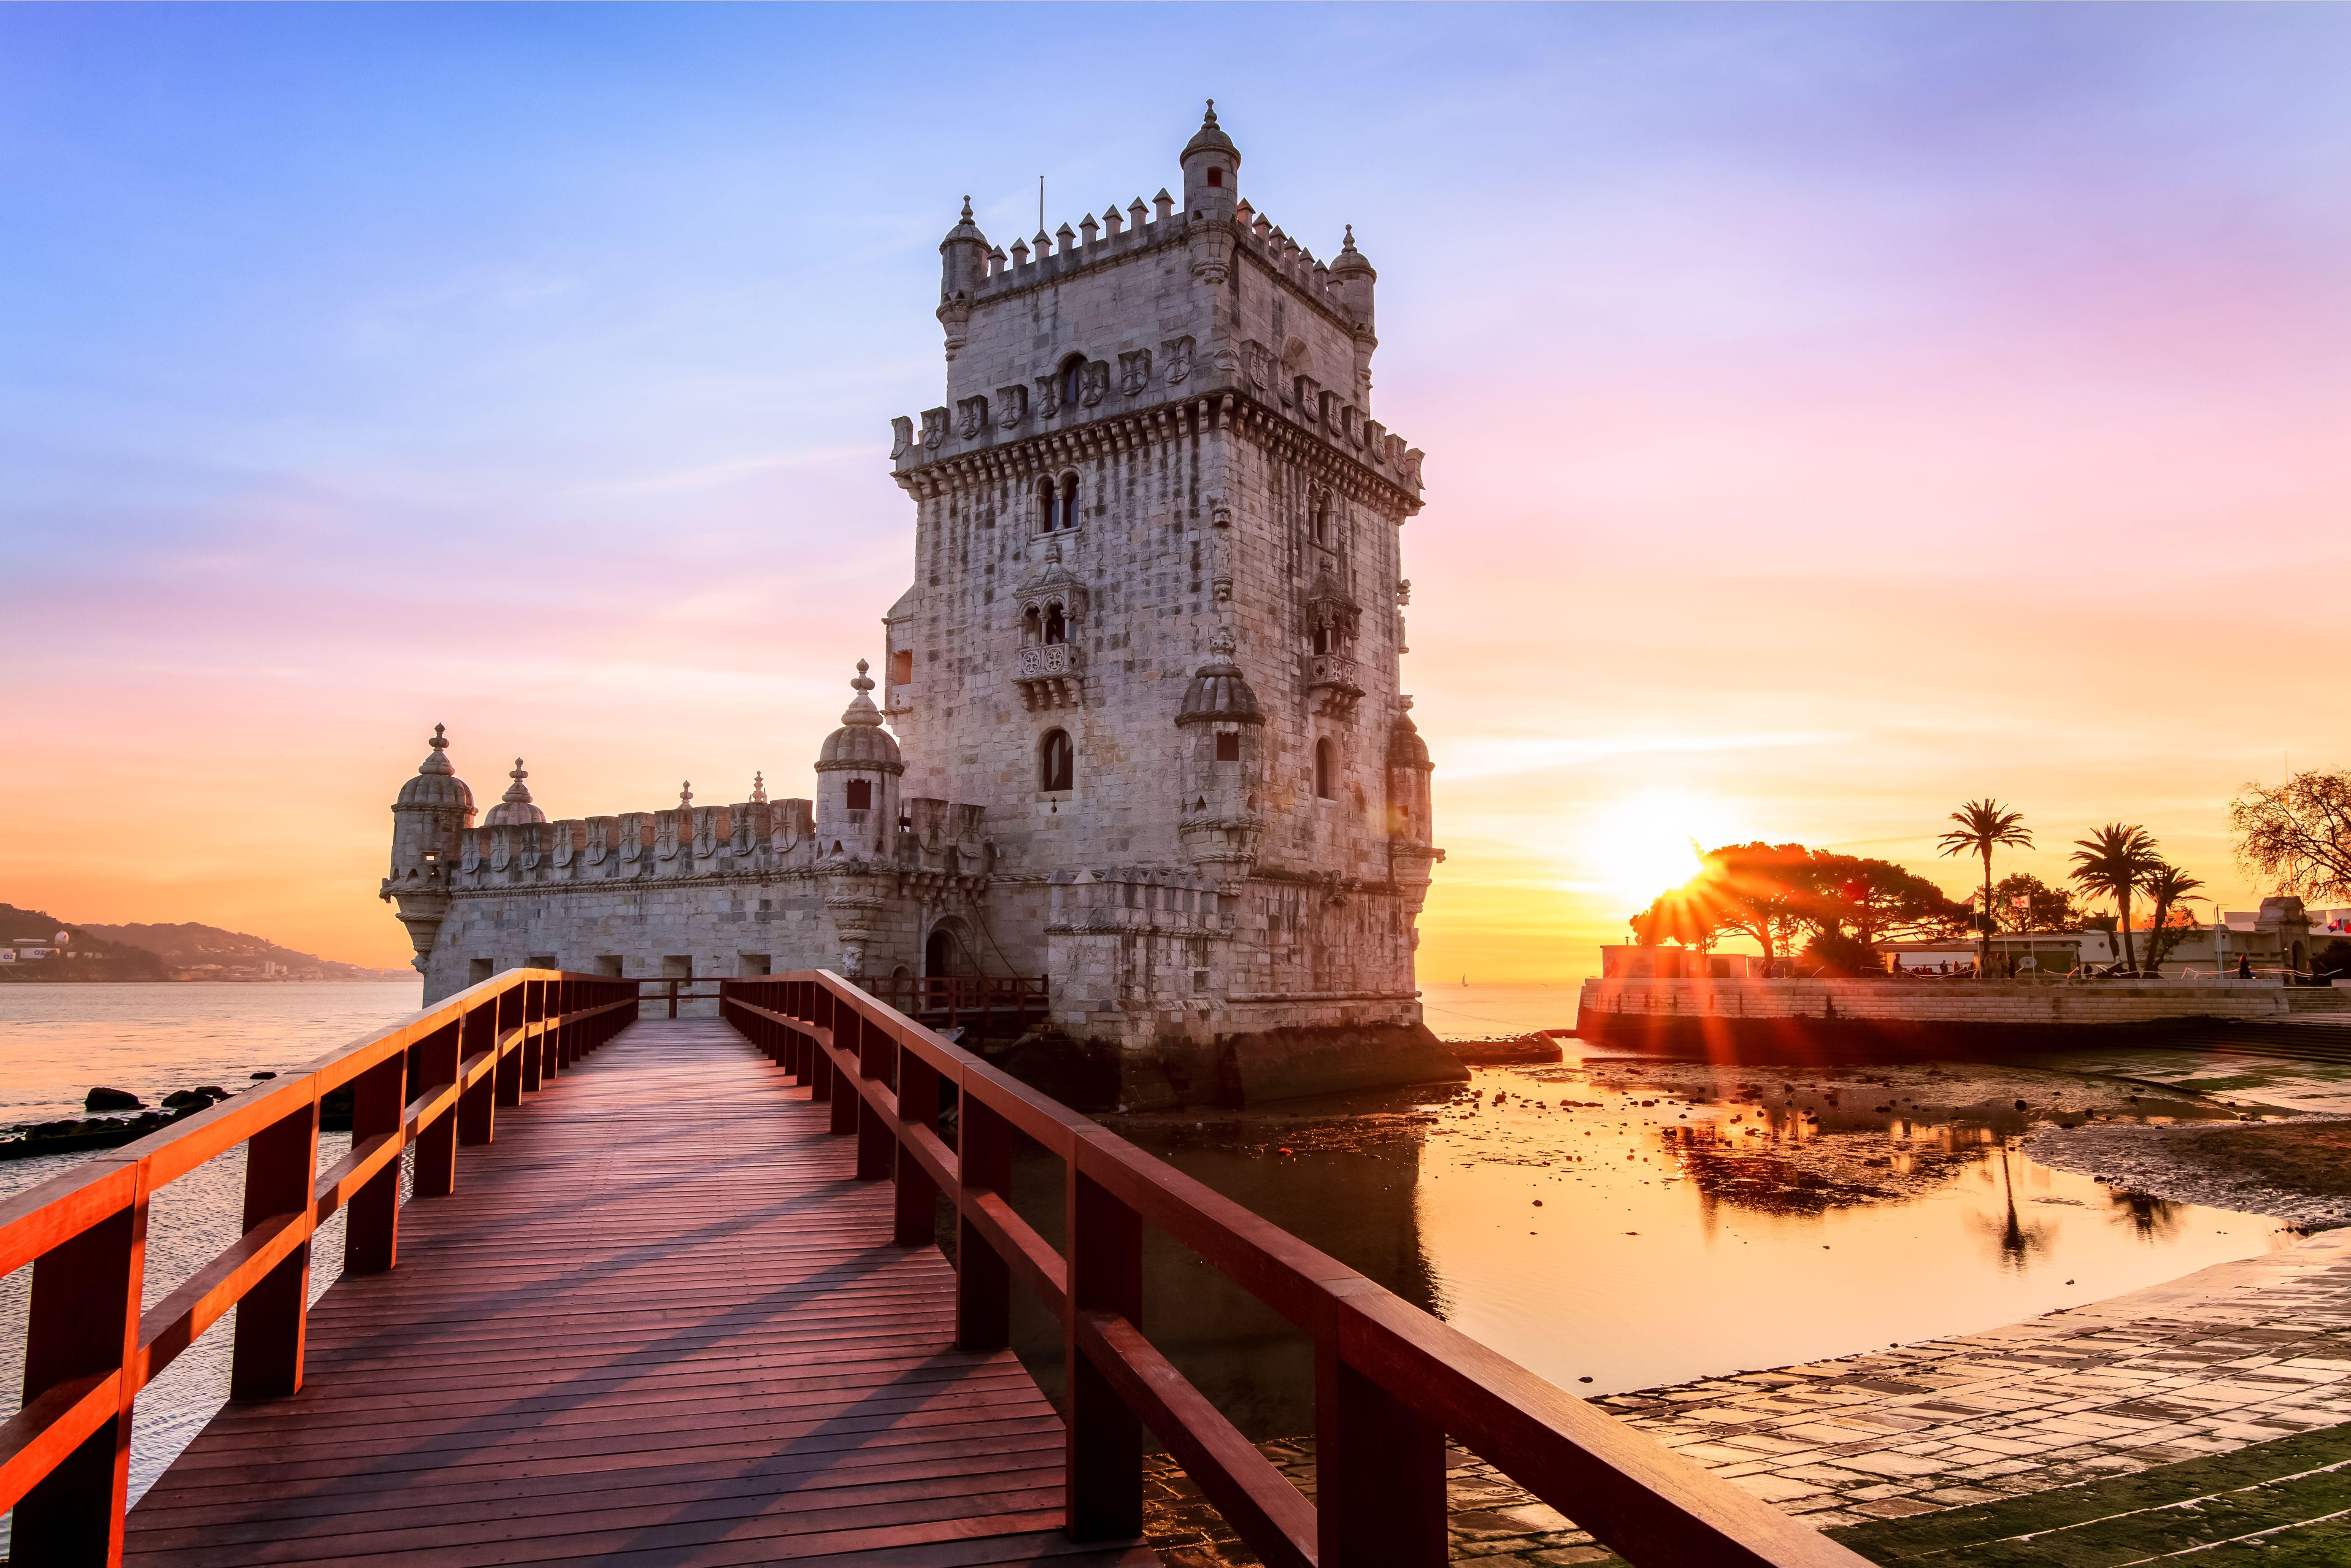 Sunset at Torre Belem, Belem, Lisbon, Portugal